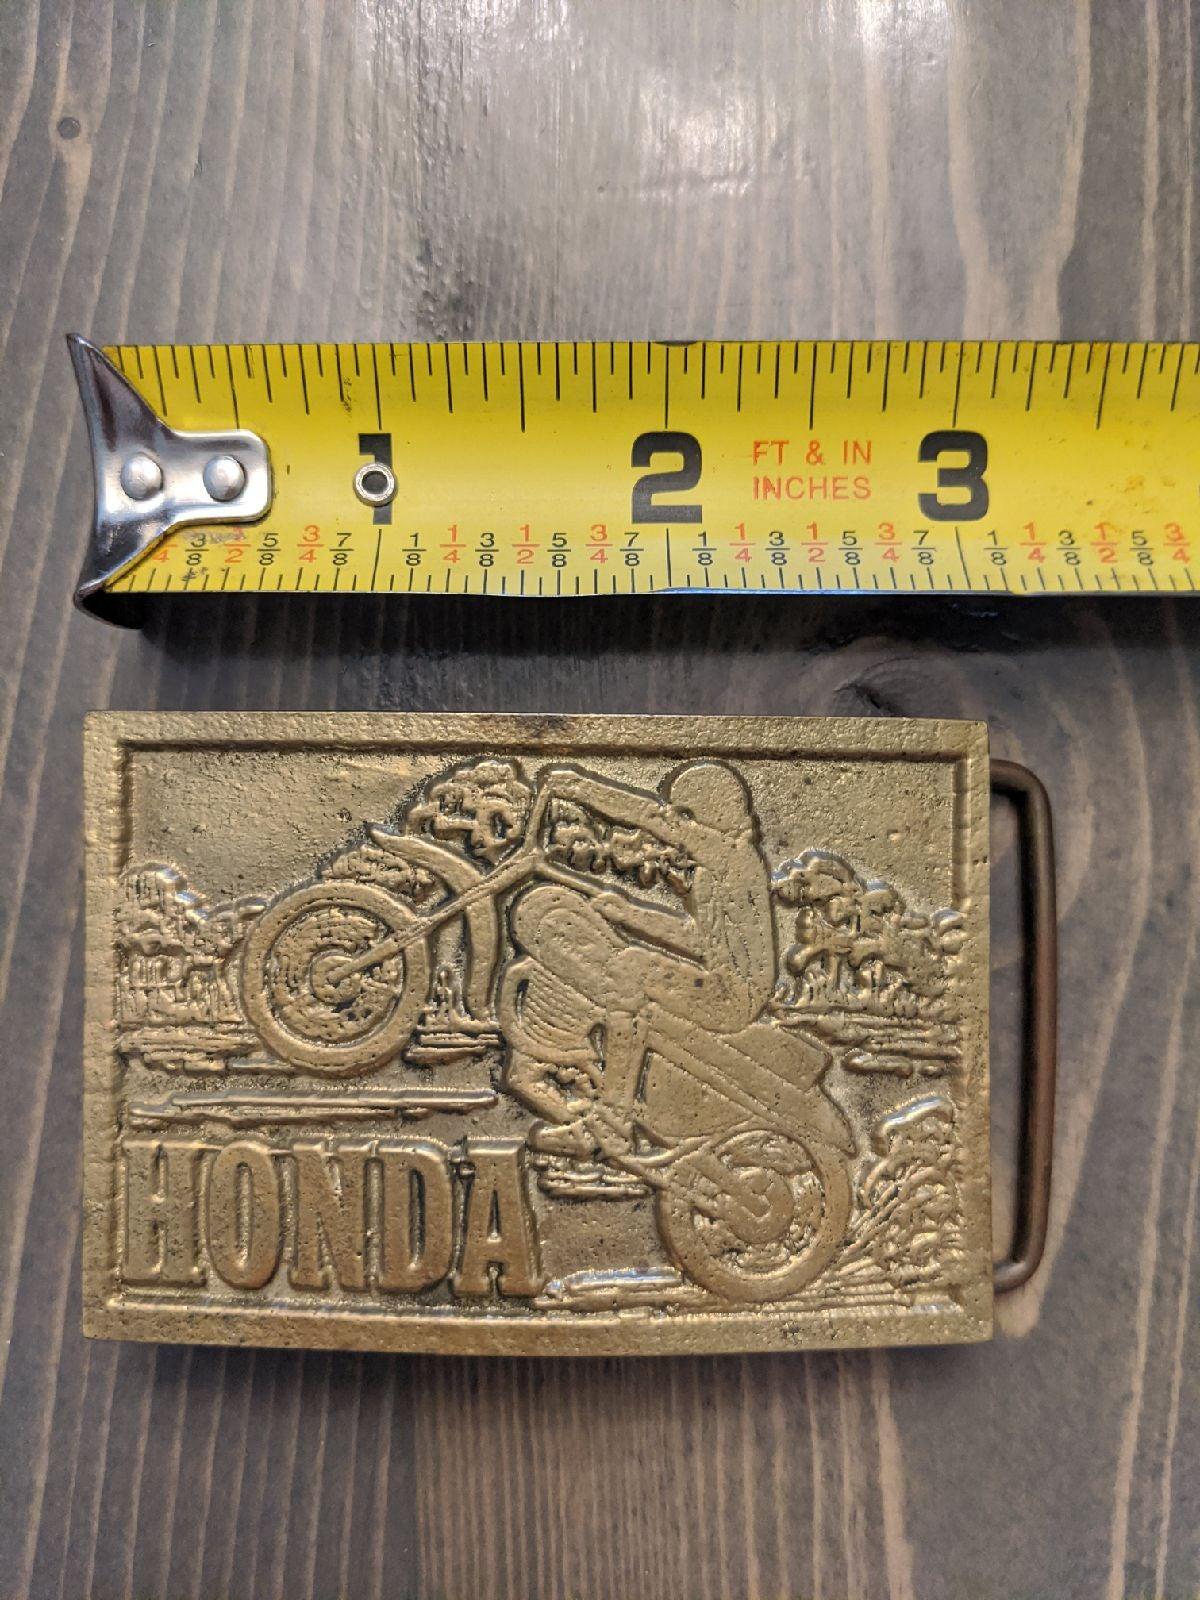 Vintage Honda motorcycle belt buckle